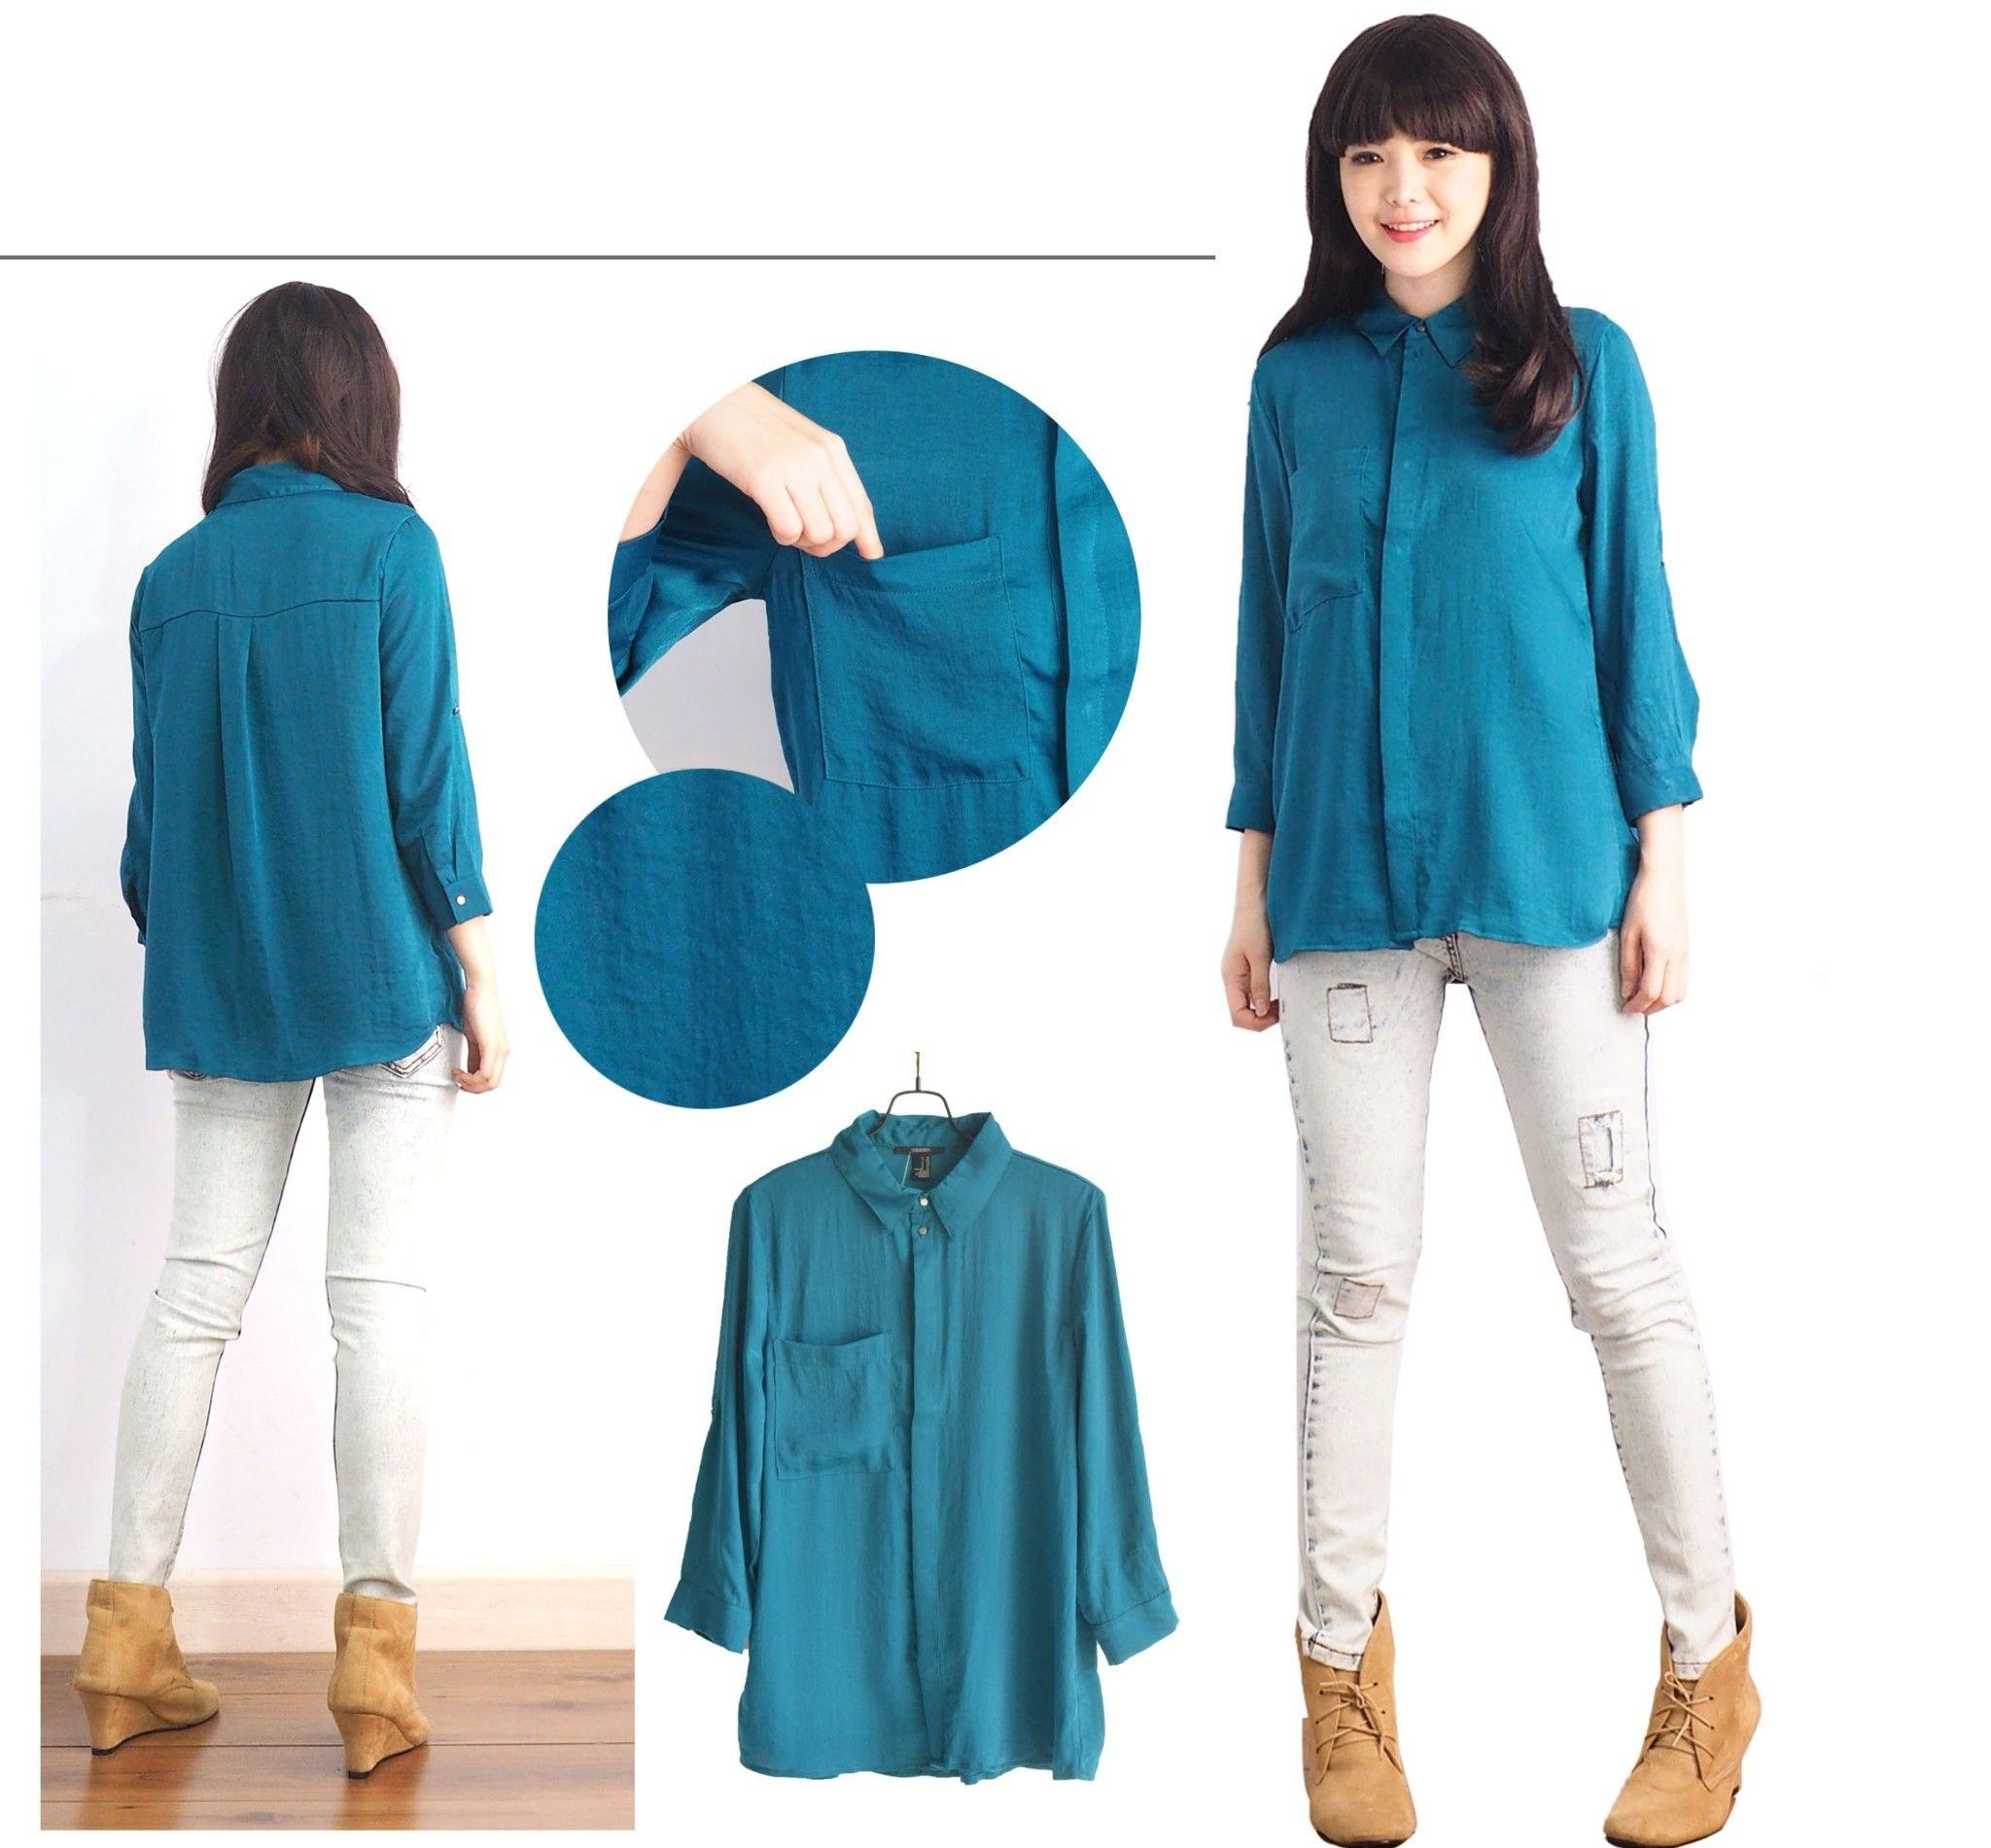 Design Trend Baju Lebaran Anak Perempuan 2018 Mndw Blouse Muslim Model Pakaian Wanita Terbaru Pakaian Bayi